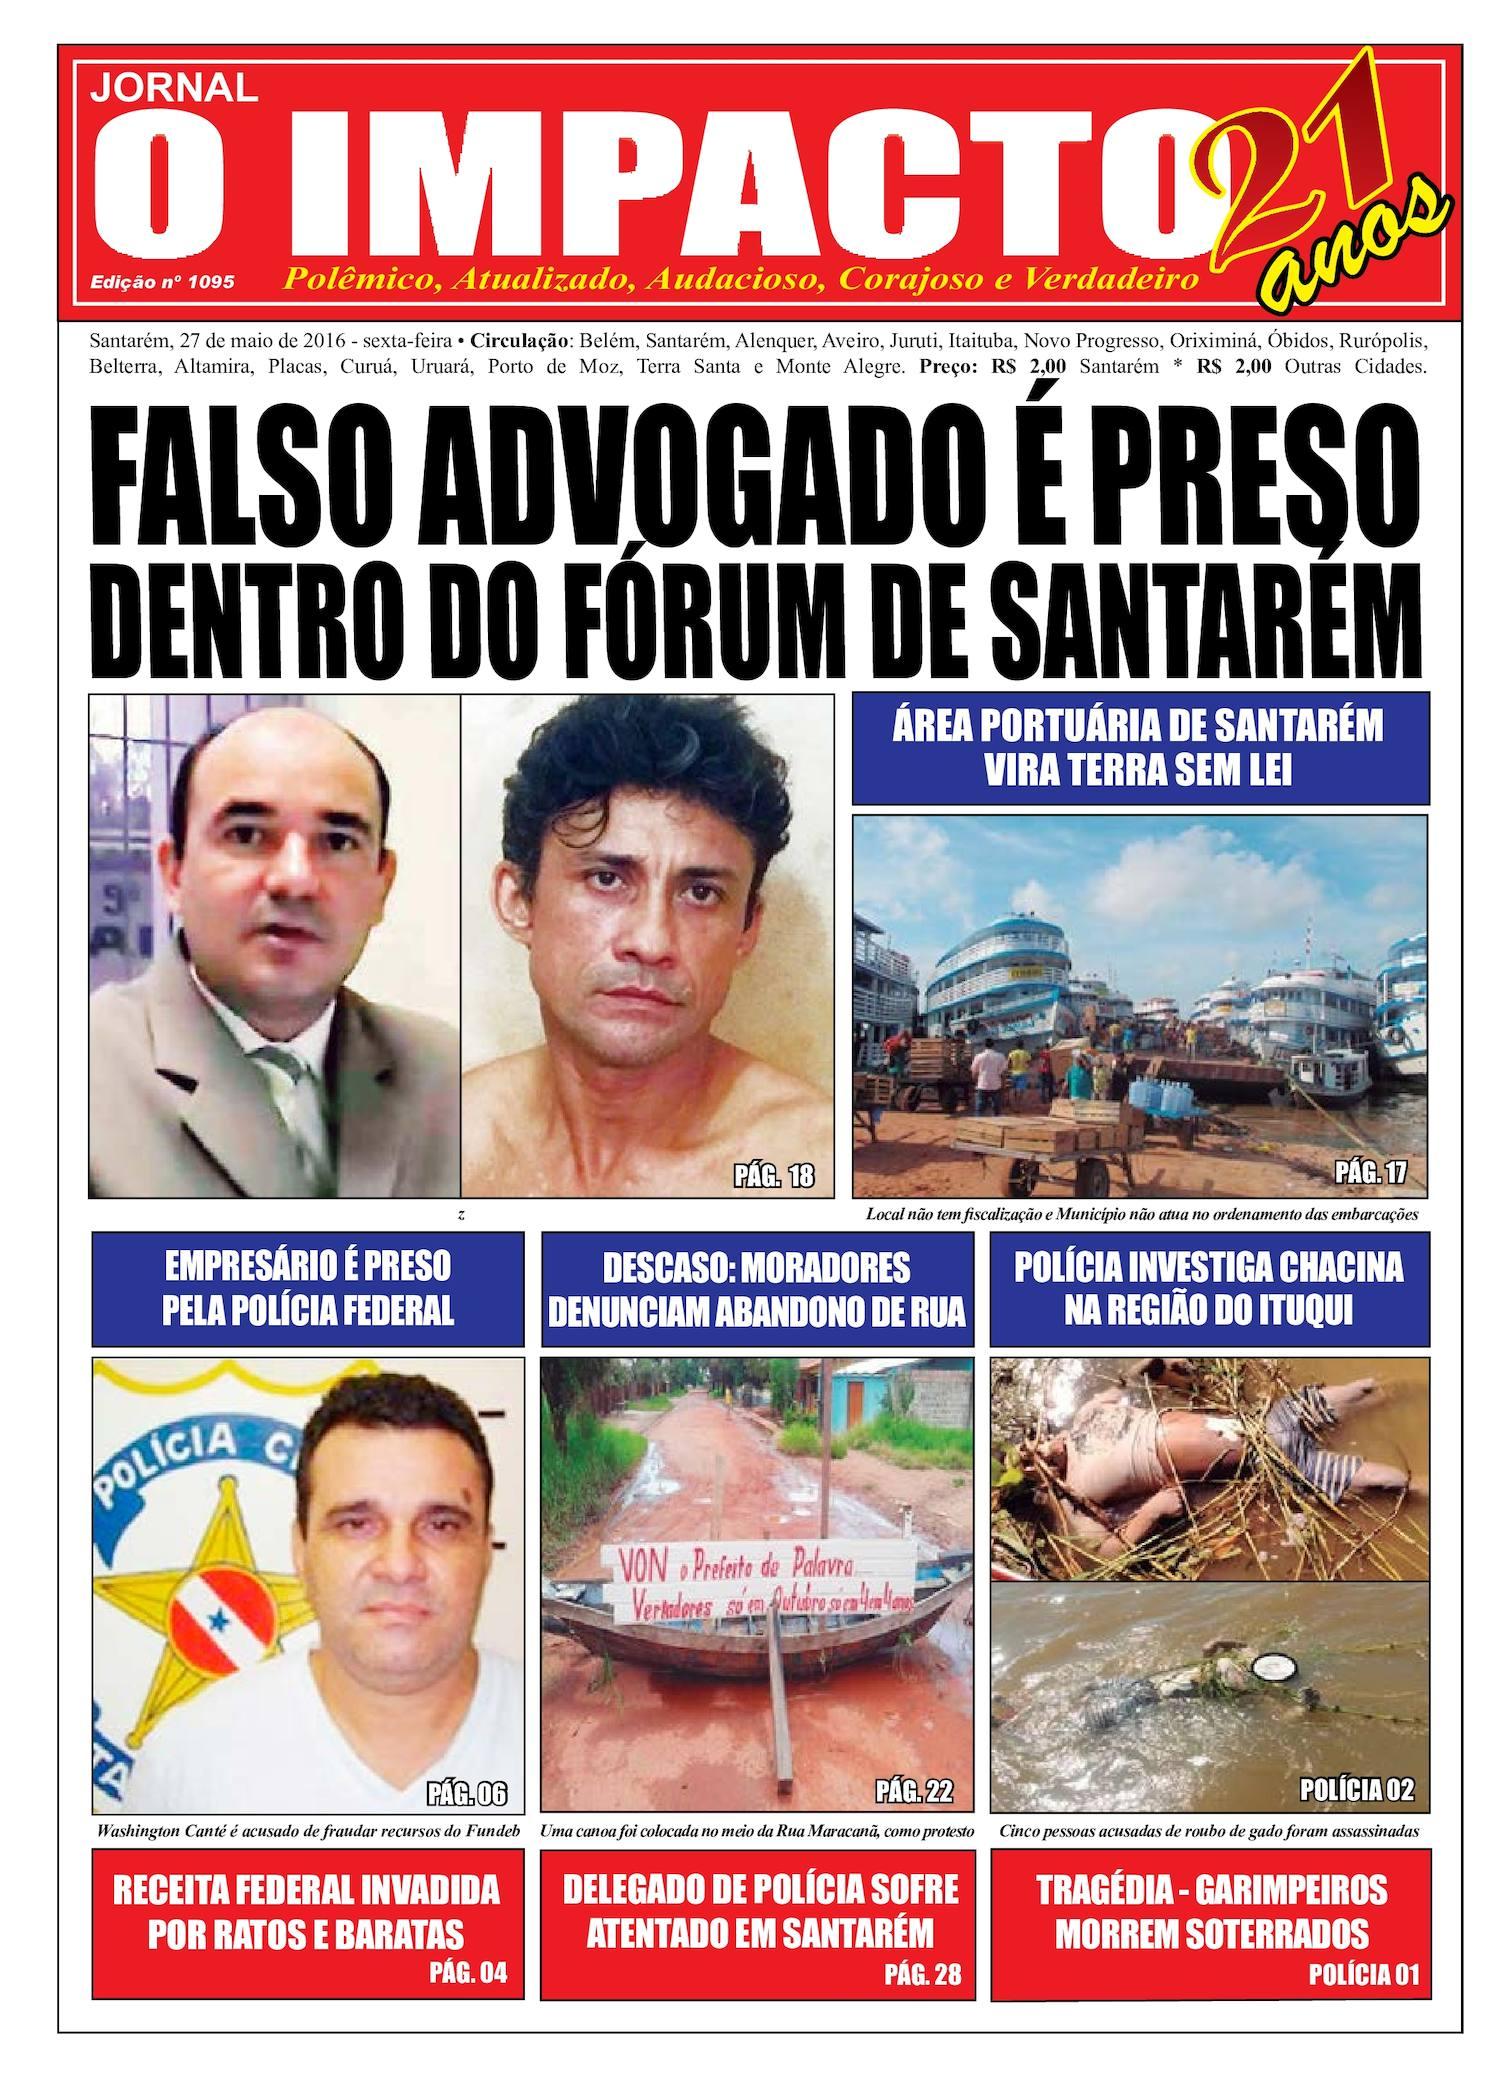 Calaméo - Jornal O Impacto Ed. 1095 400728a167bf1